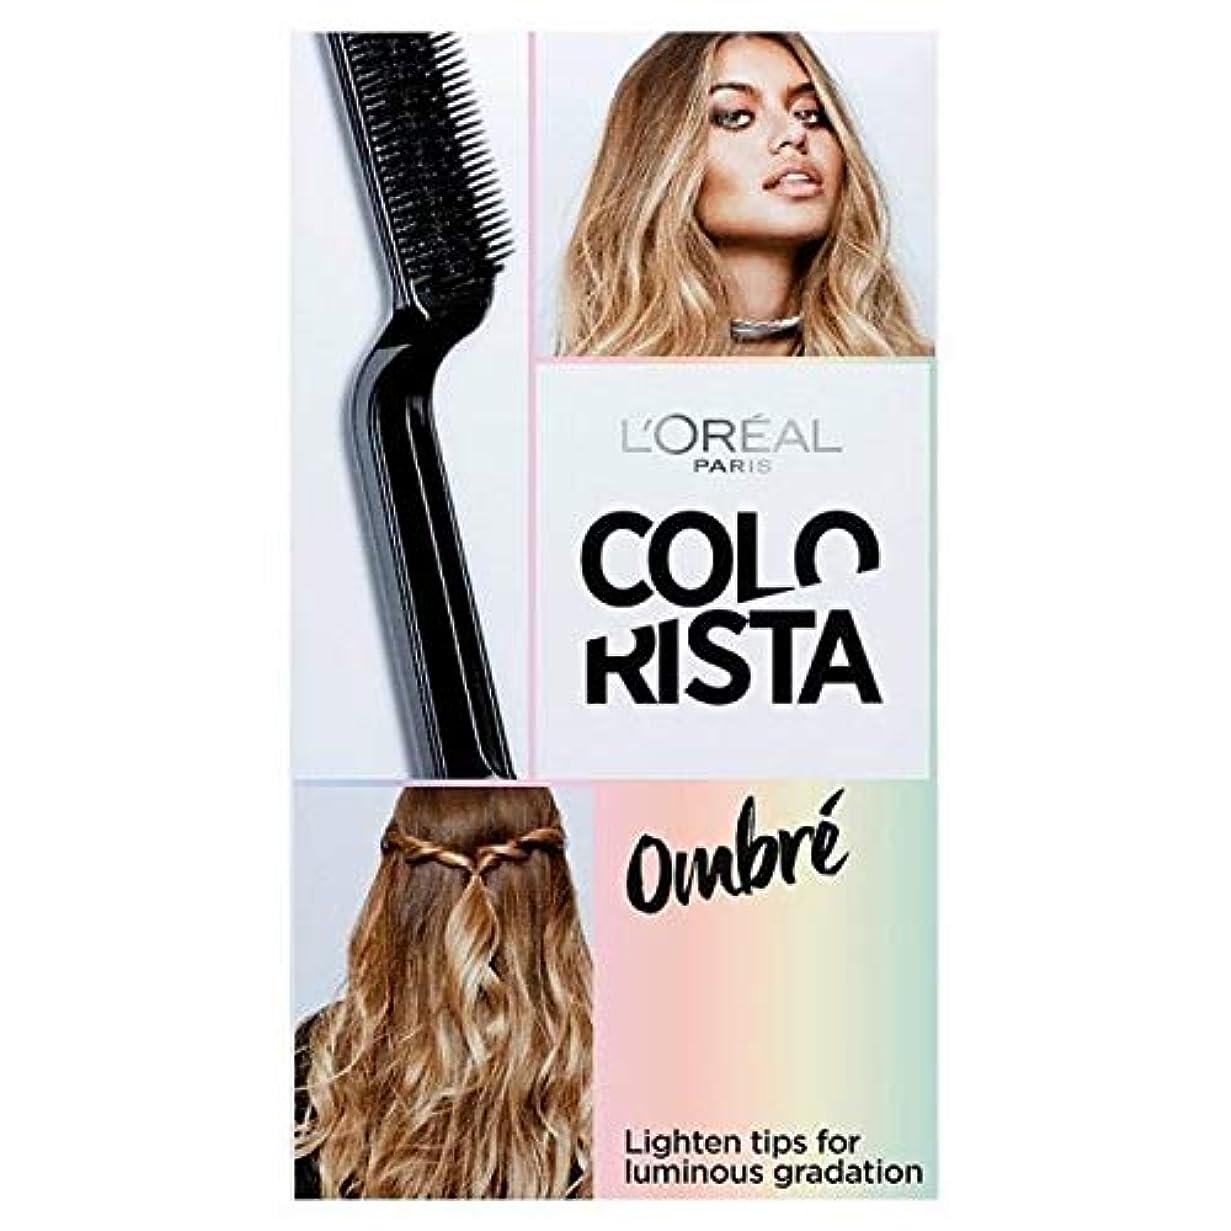 特に解く衣装[Colorista] Colorista効果オンブル髪 - Colorista Effect Ombre Hair [並行輸入品]